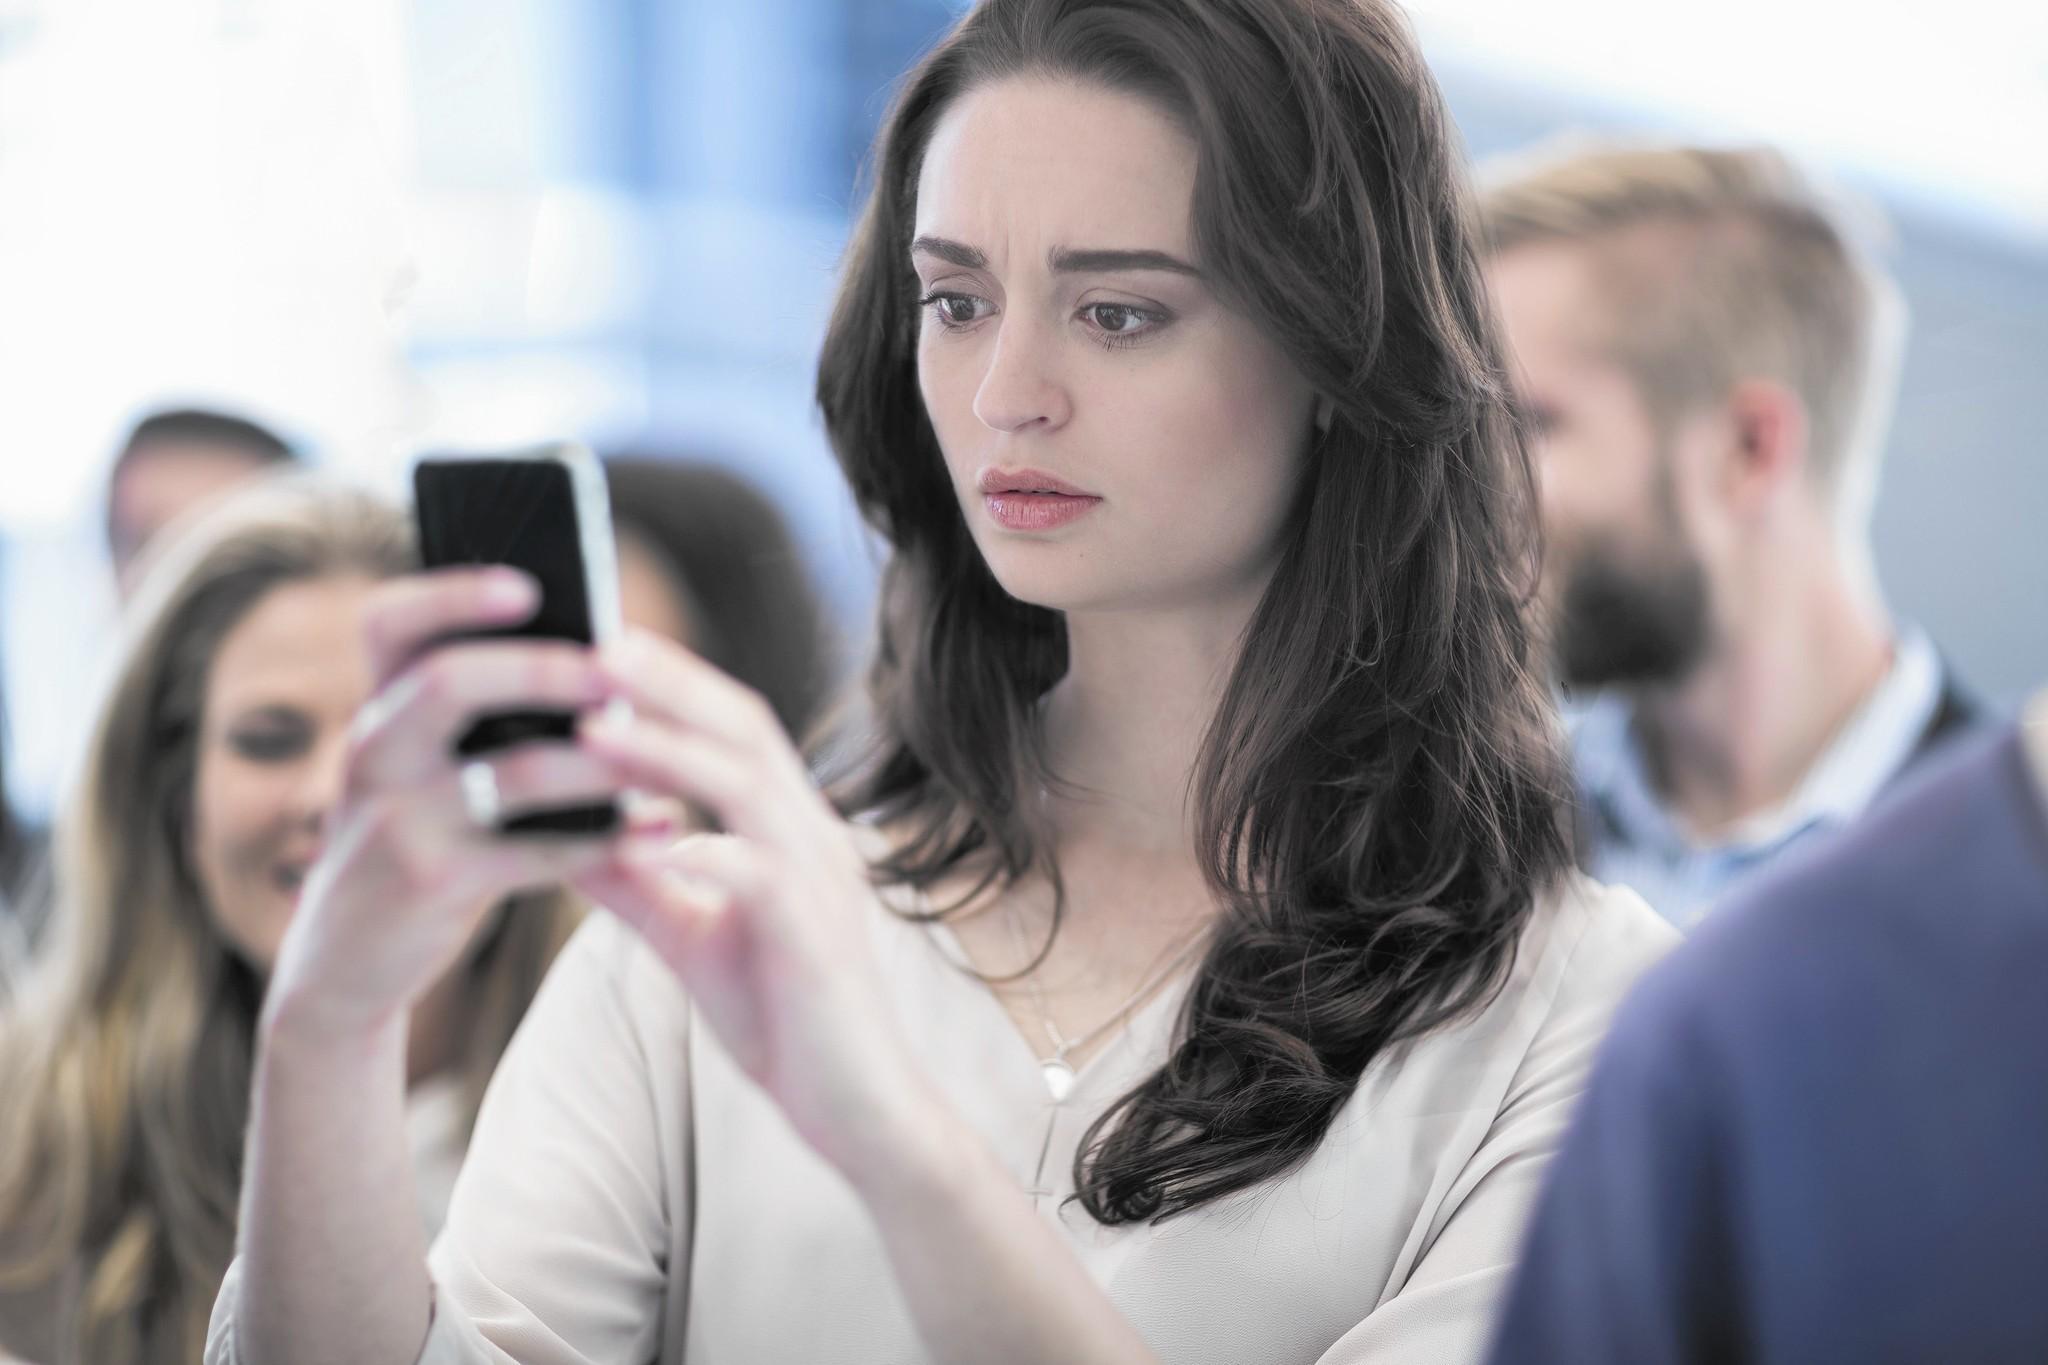 Partner sexting someone else